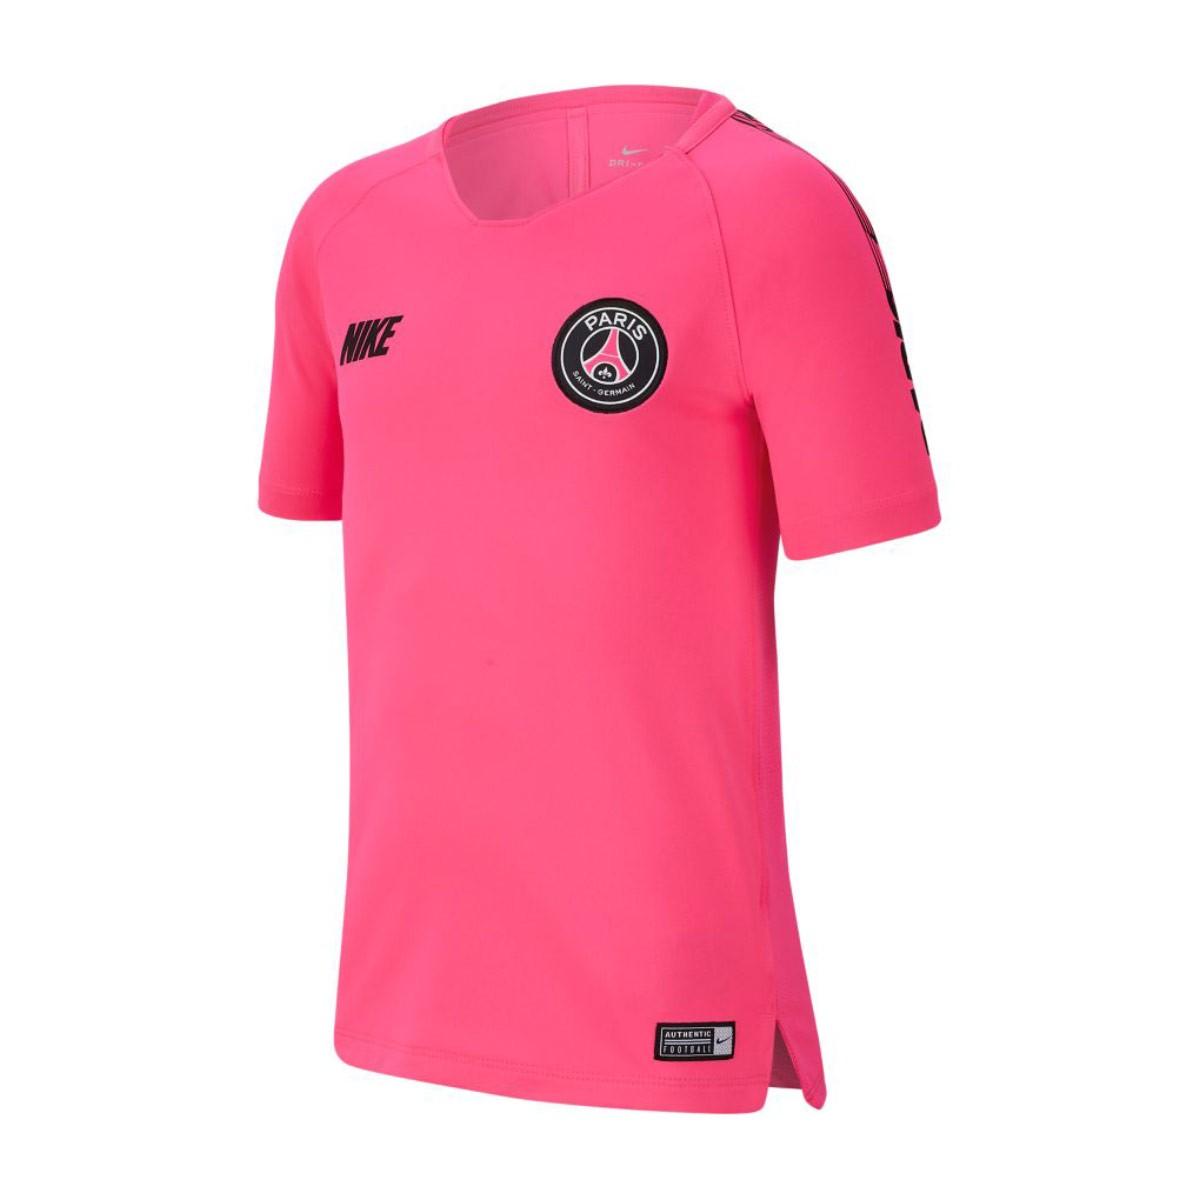 Maillot Nike Paris Saint Germain Squad 2018 2019 enfant